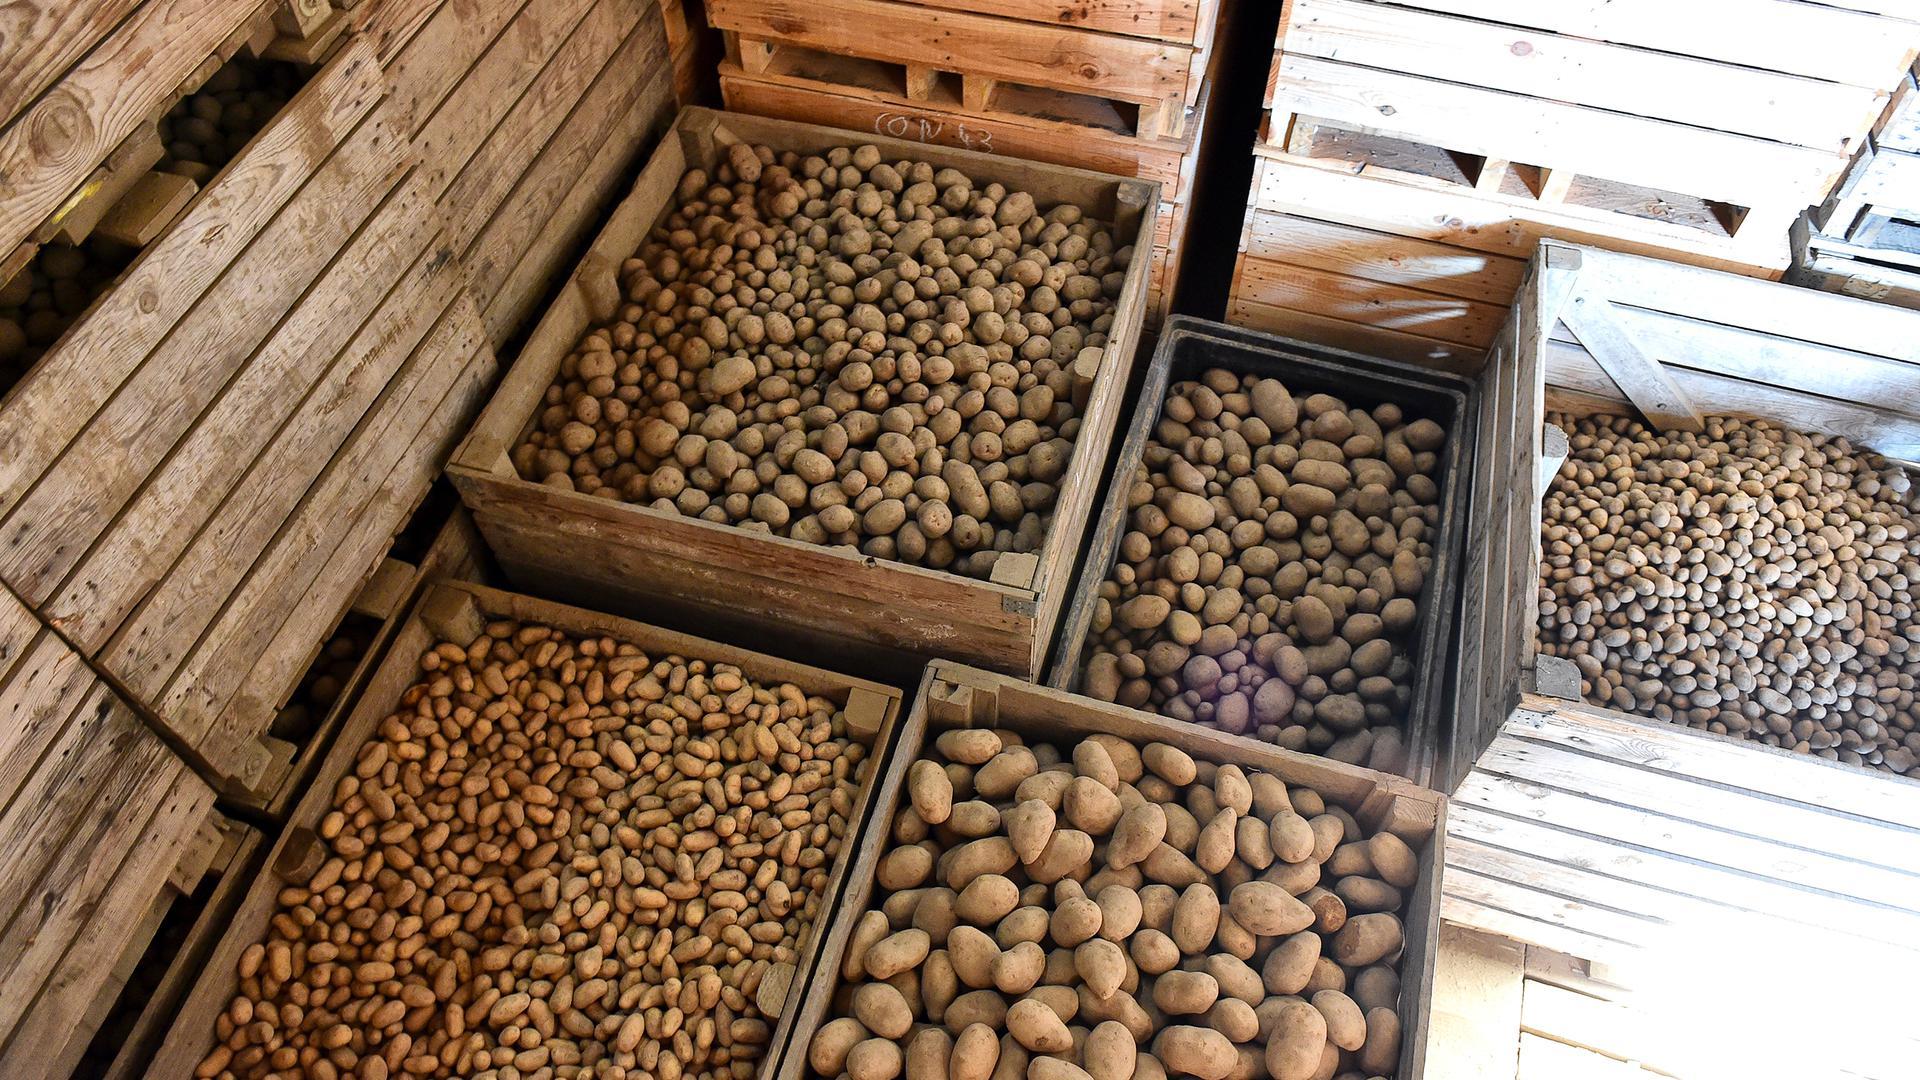 Kartoffeln lagern in Kisten.